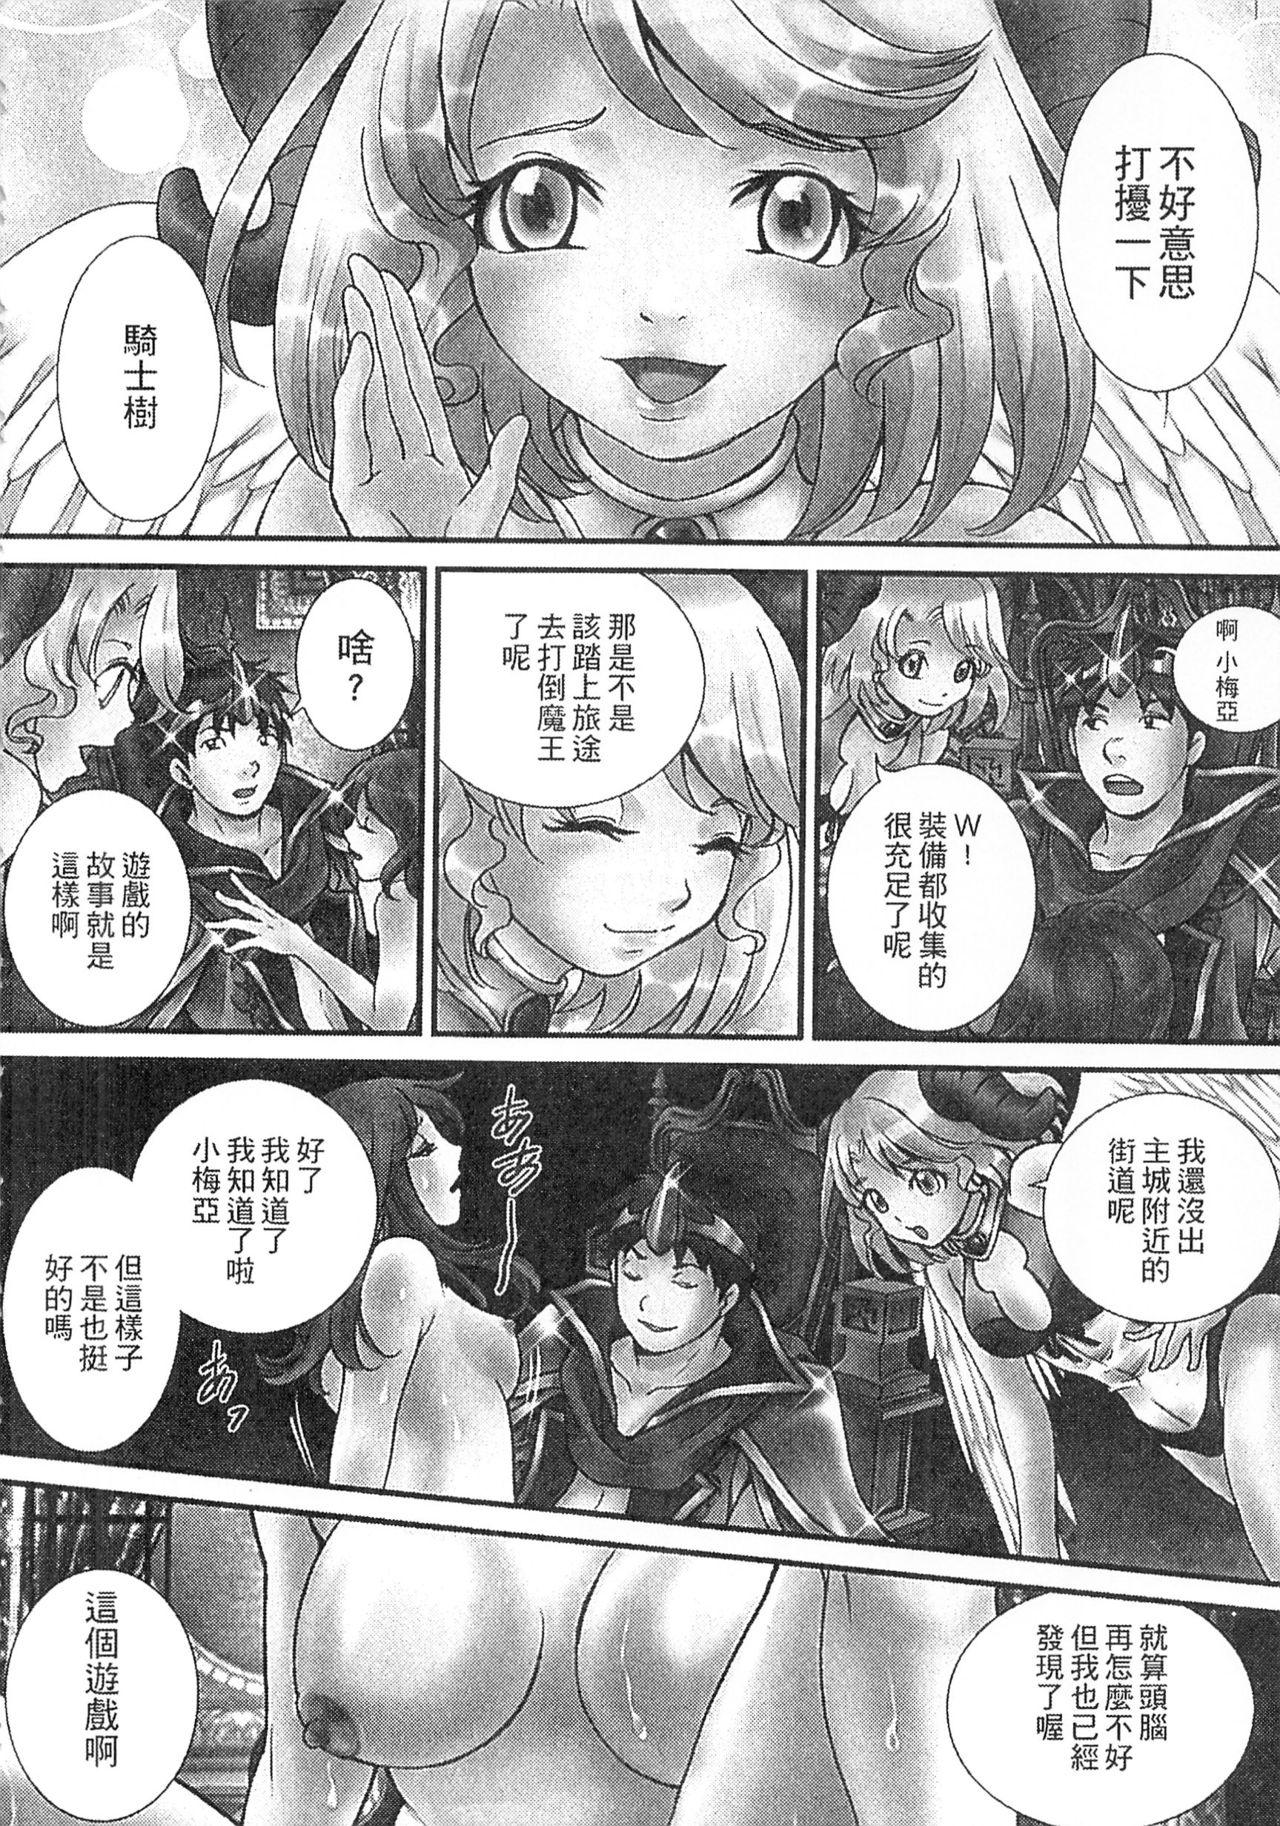 Zetsurin! Kinoko Oyaji 159